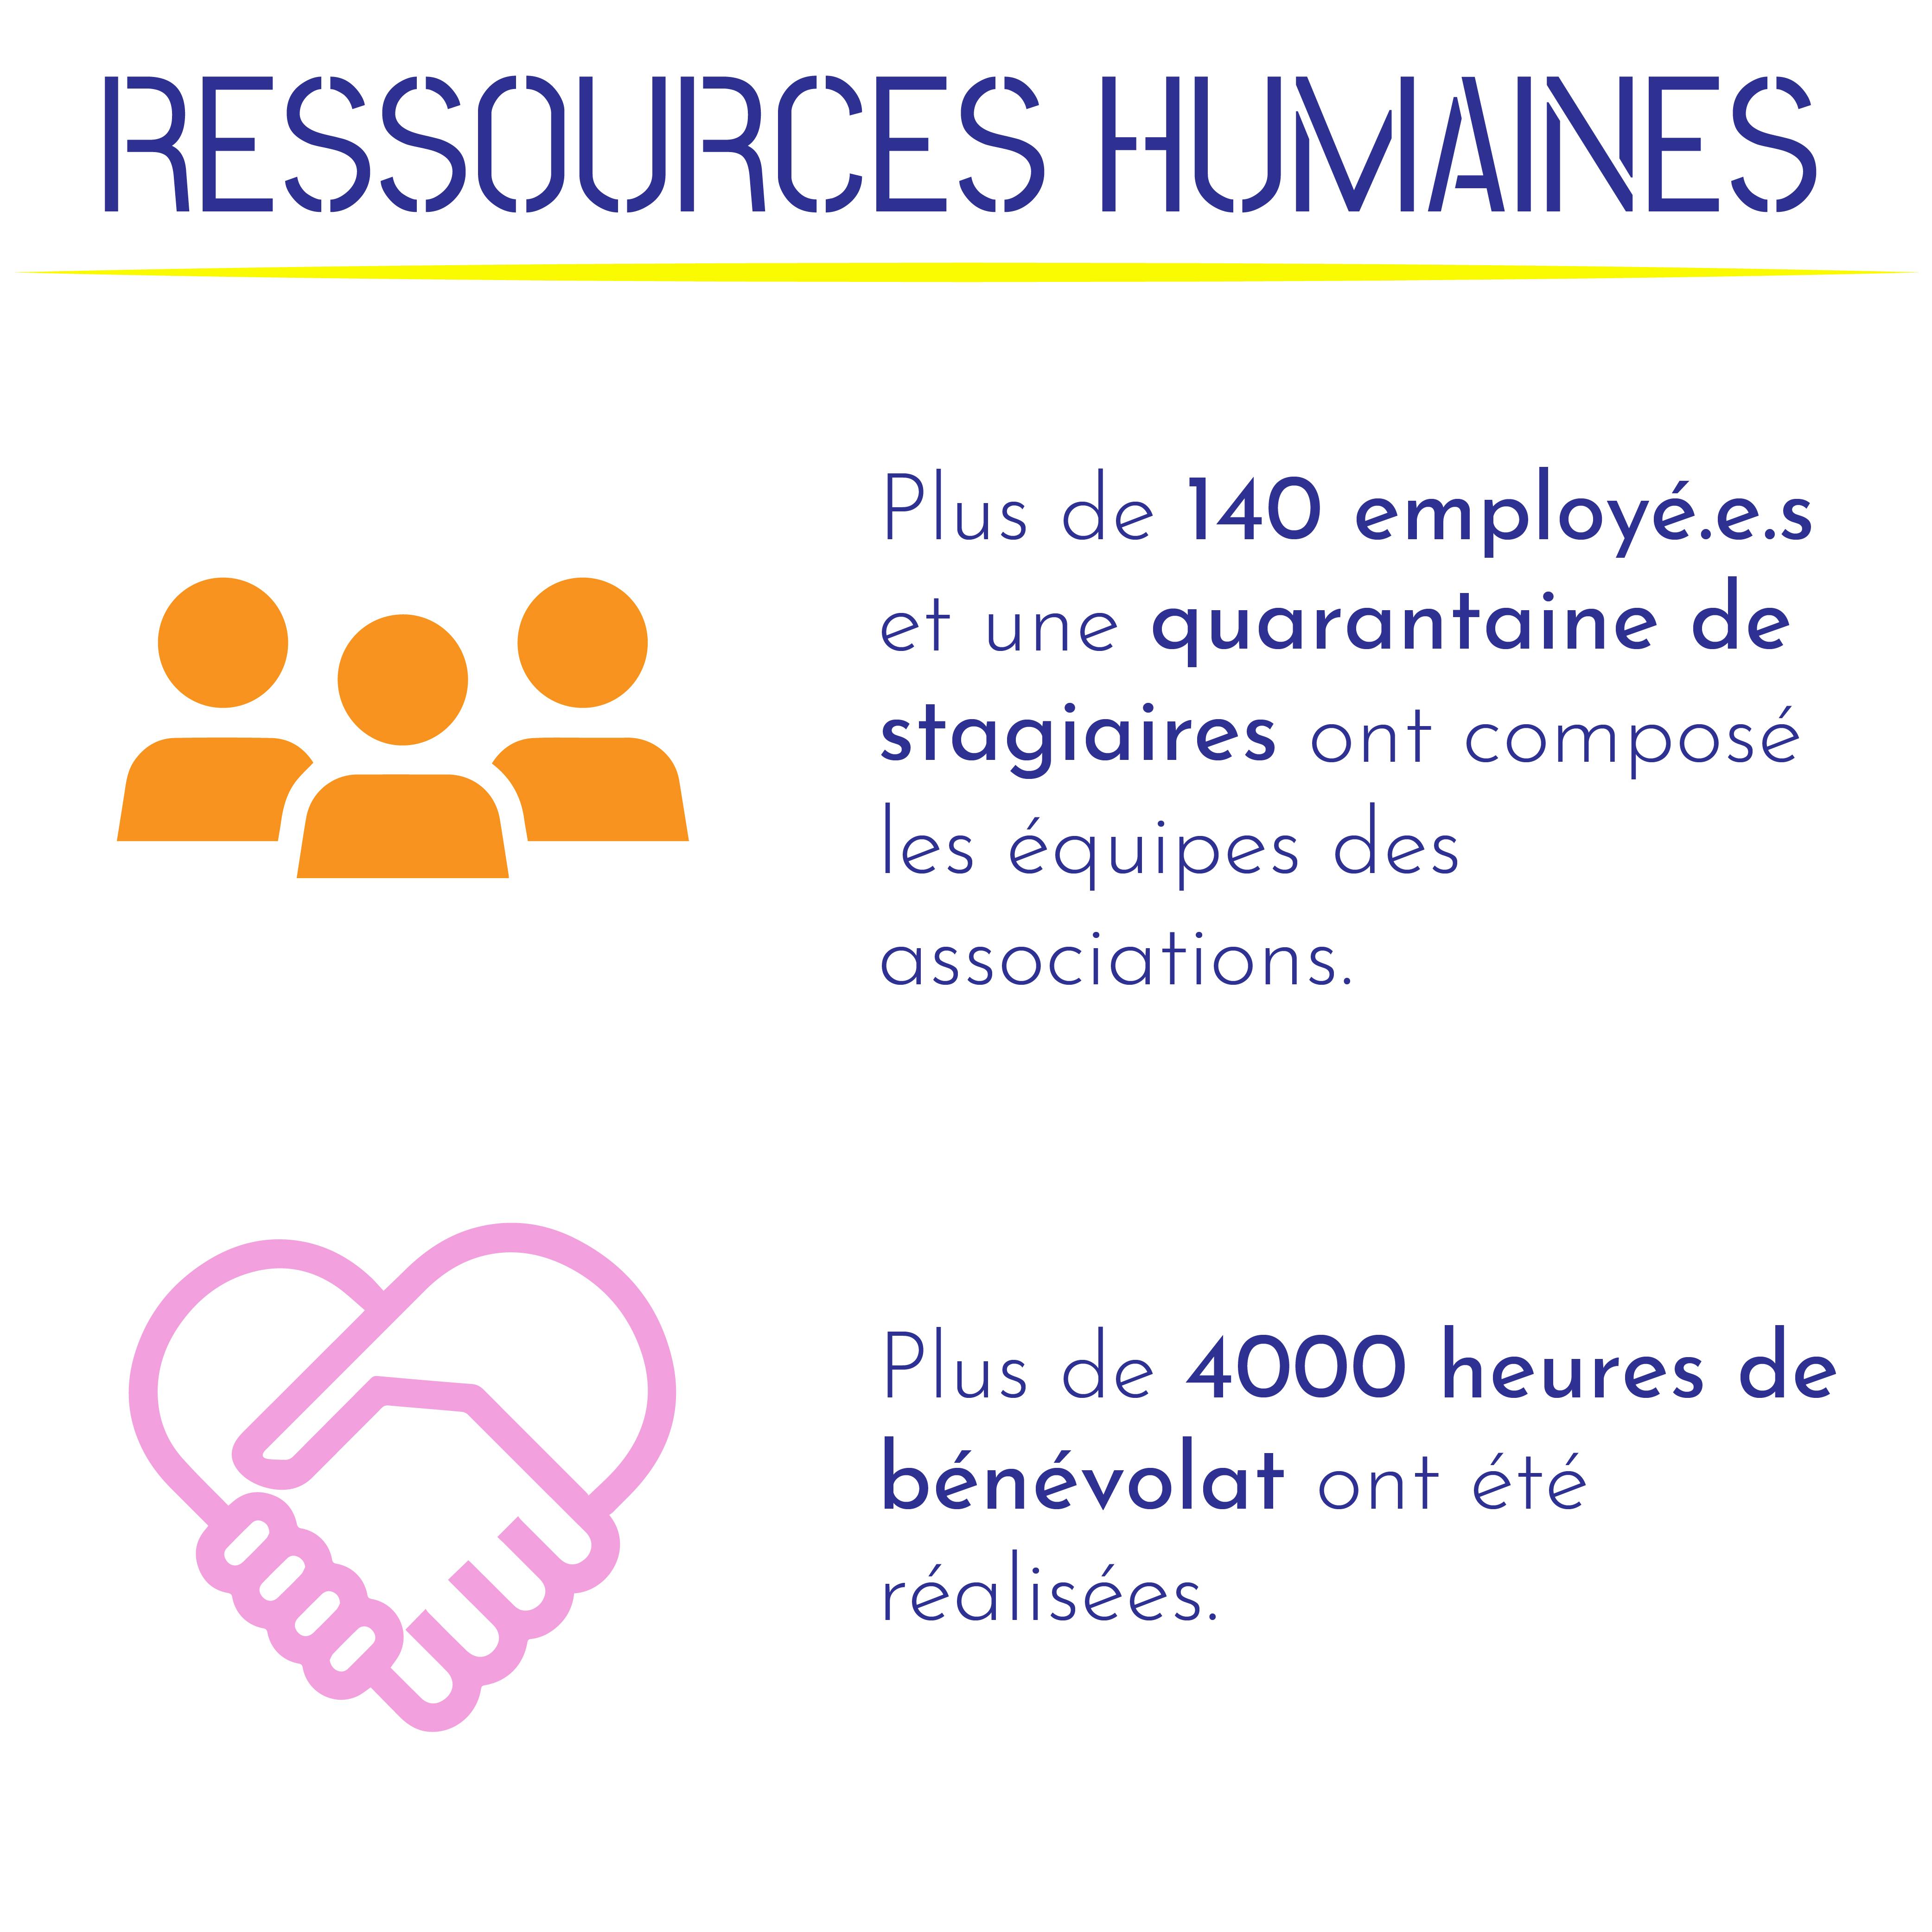 Plus de 140 employé.e.s et une quarantaine de stagiaires ont composé les équipes des associations. Plus de 4000 heures de bénévolat ont été réalisées.